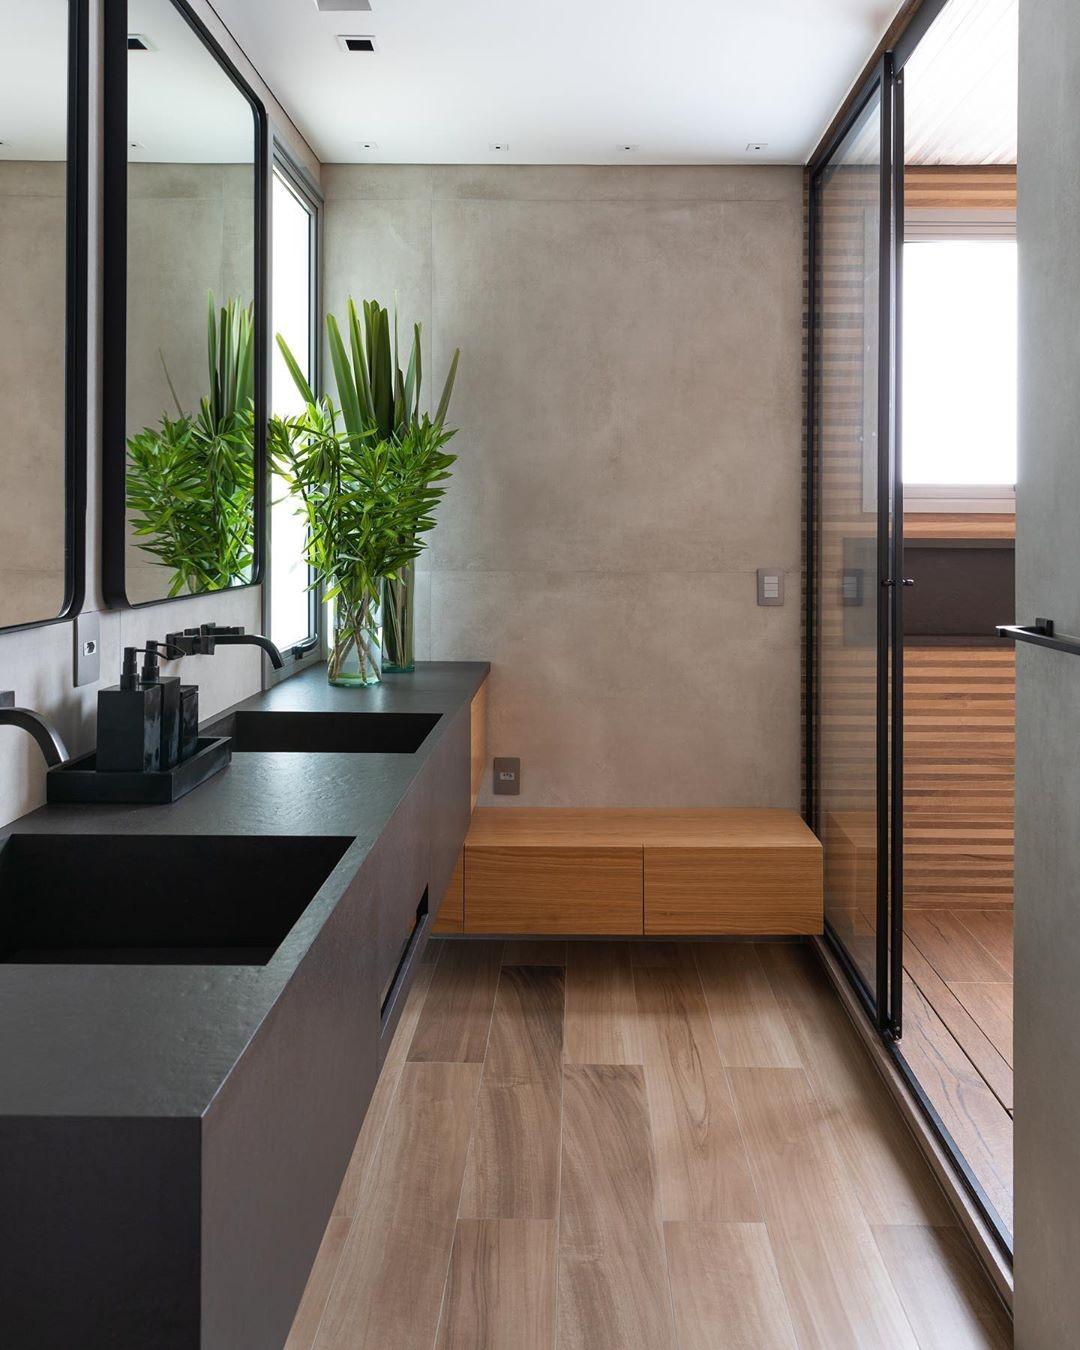 Como decorar banheiro: ideias e dicas para não errar (Foto: Lufe Gomes)